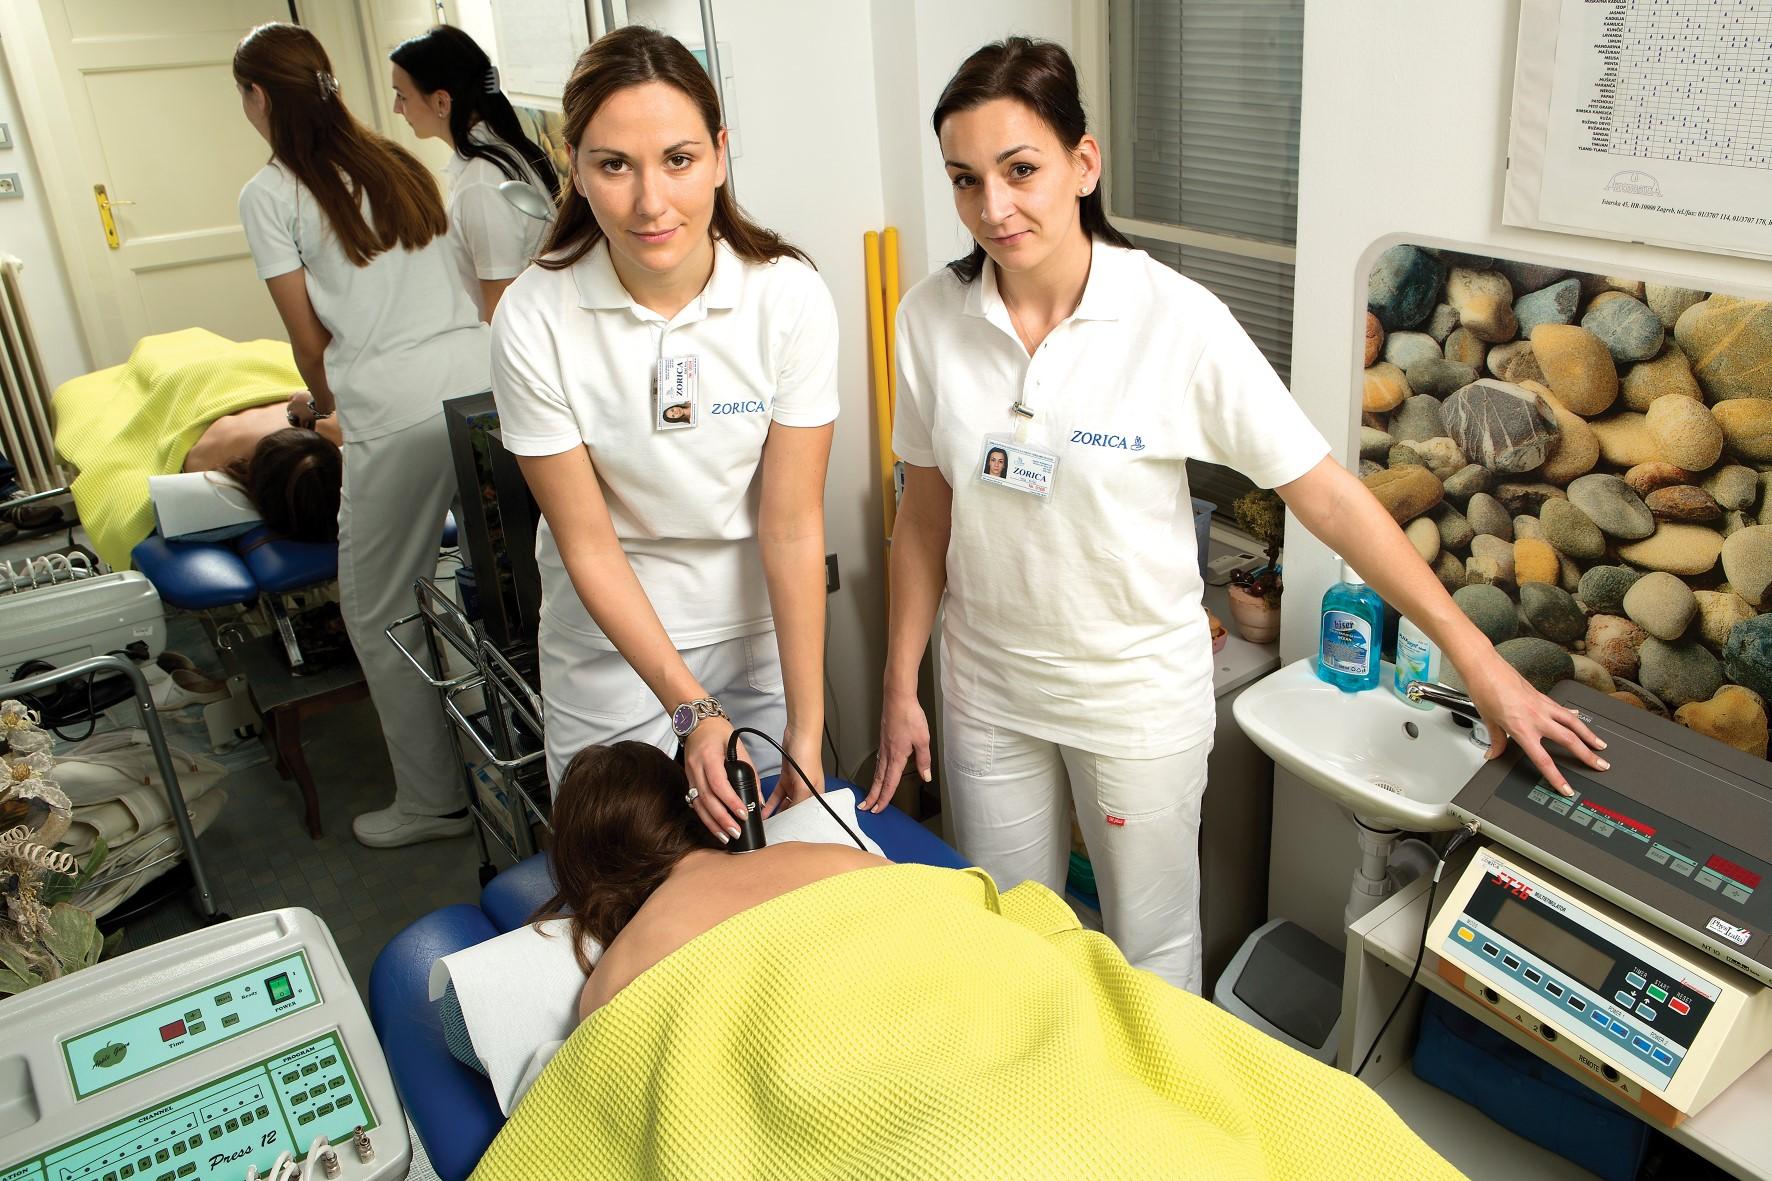 Fizikalna Terapija U Kuci Zdravstvena Ustanova Zorica